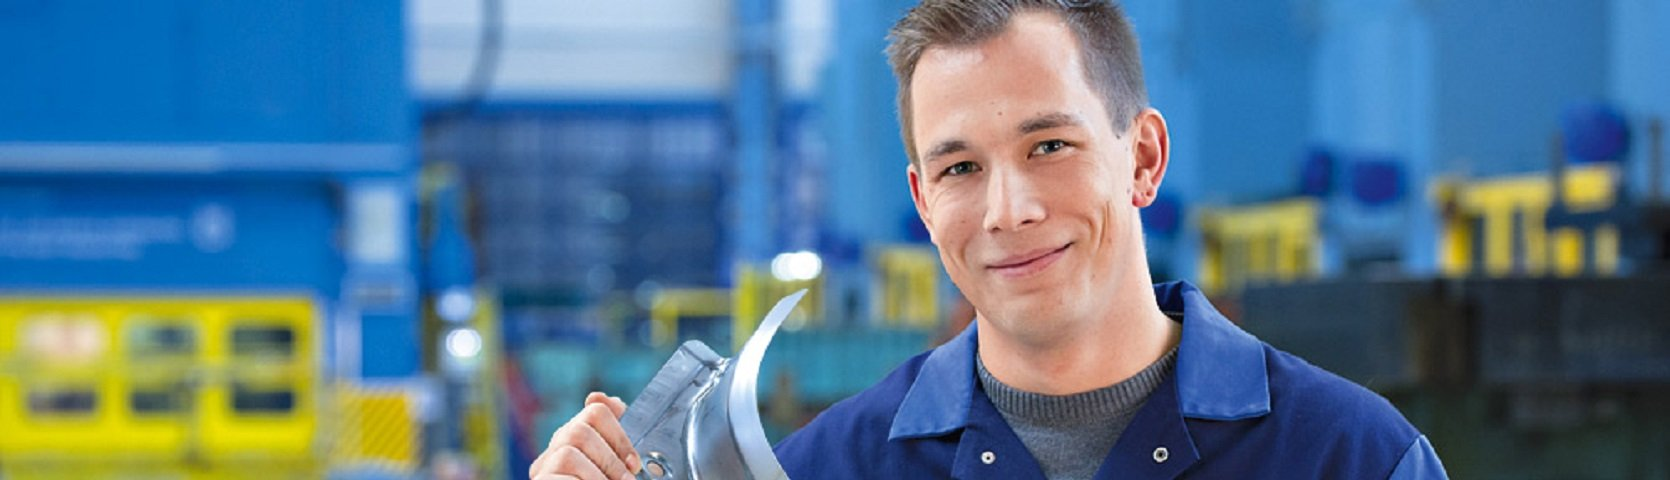 WMU Weser Metall Umformtechnik GmbH